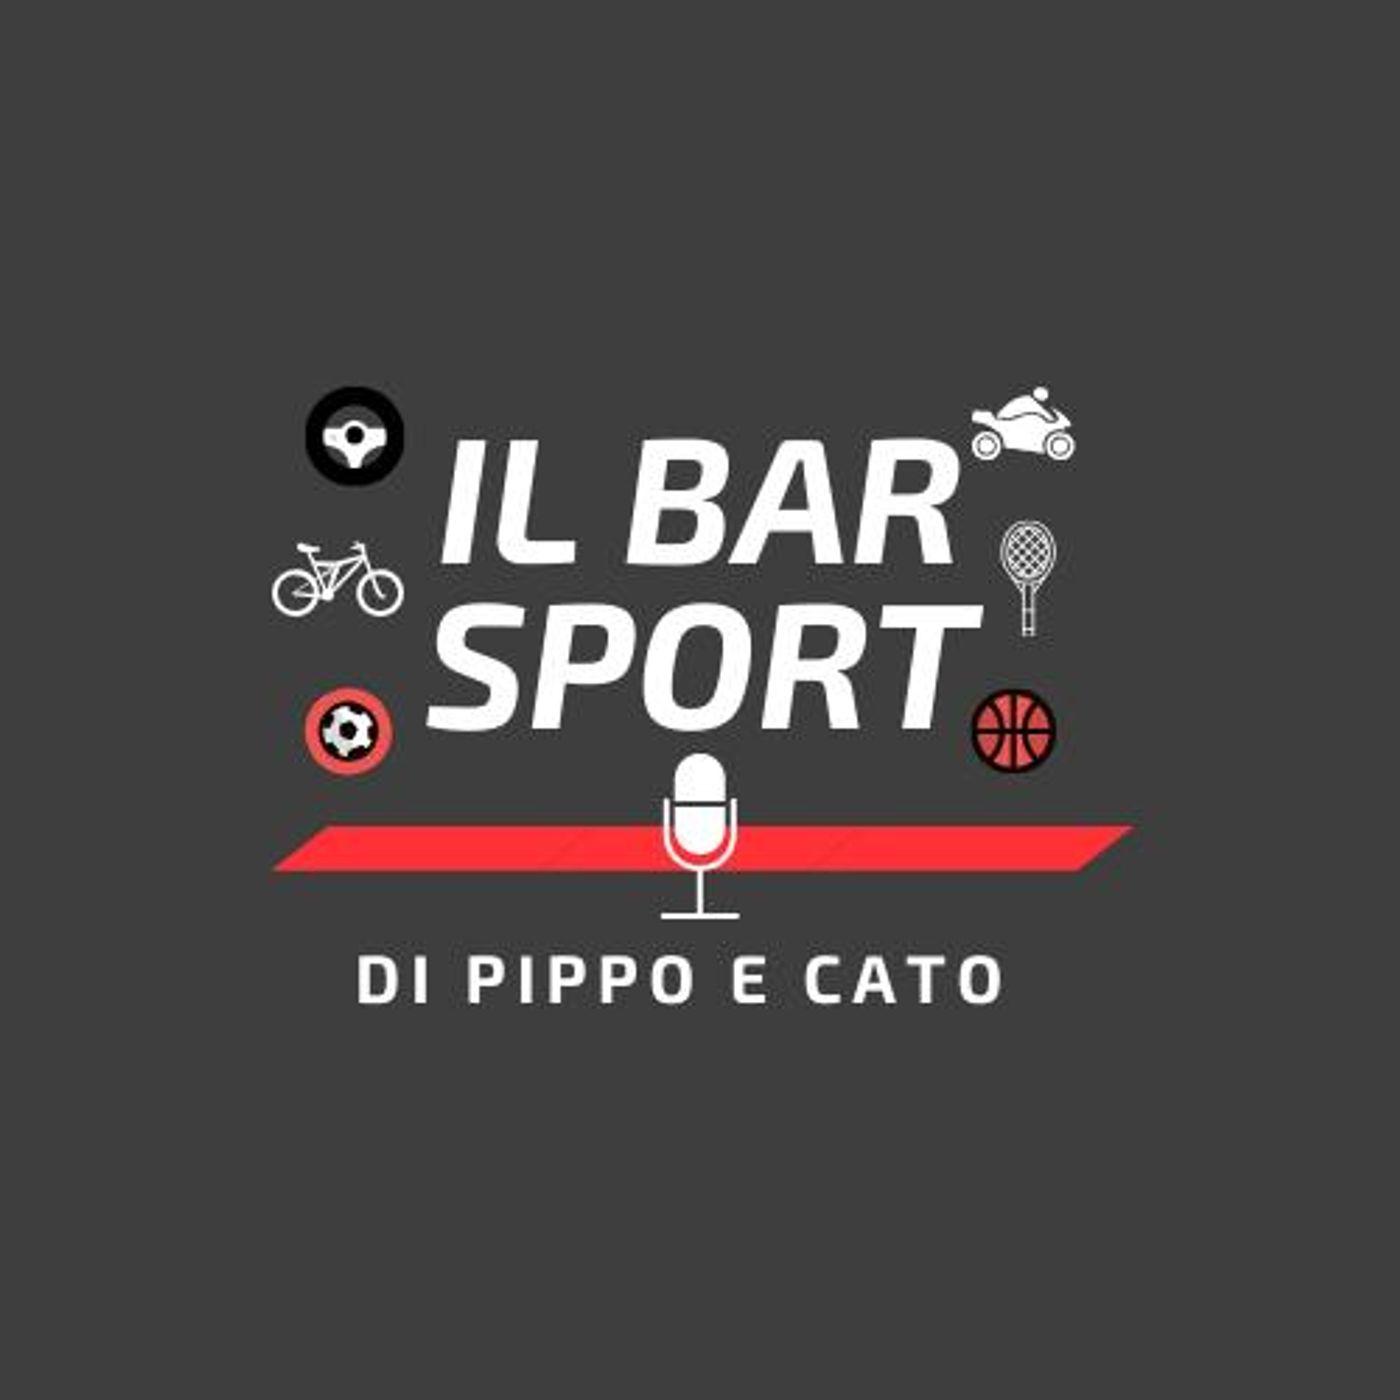 Colazione al BarSport - Weekend all'italiana tra Nazionale, motori e tennis